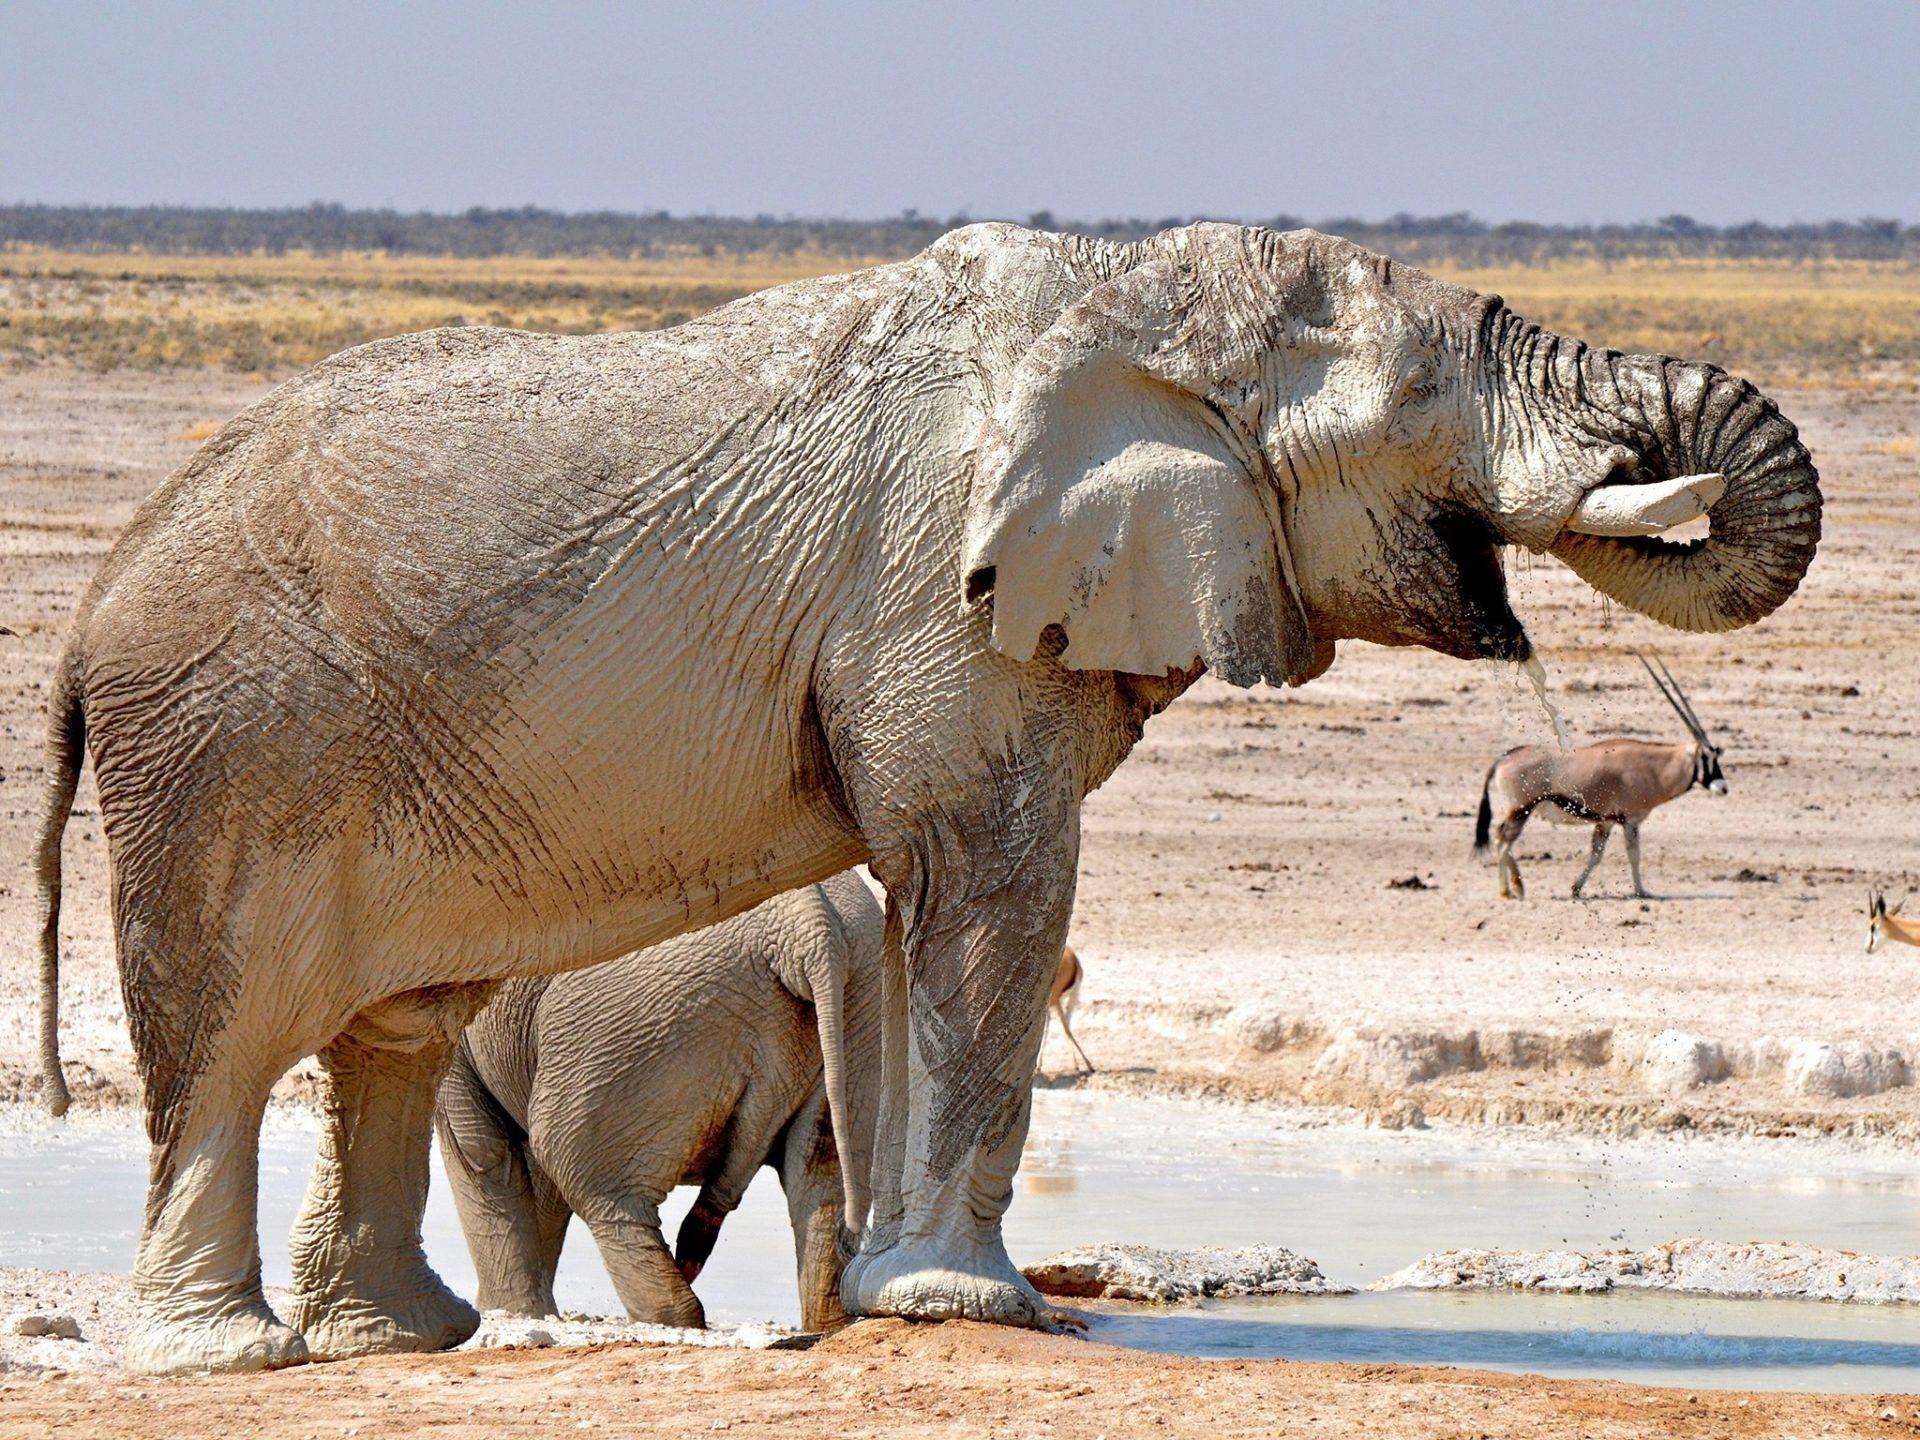 5. Африканские Буш слоны – Намибия.